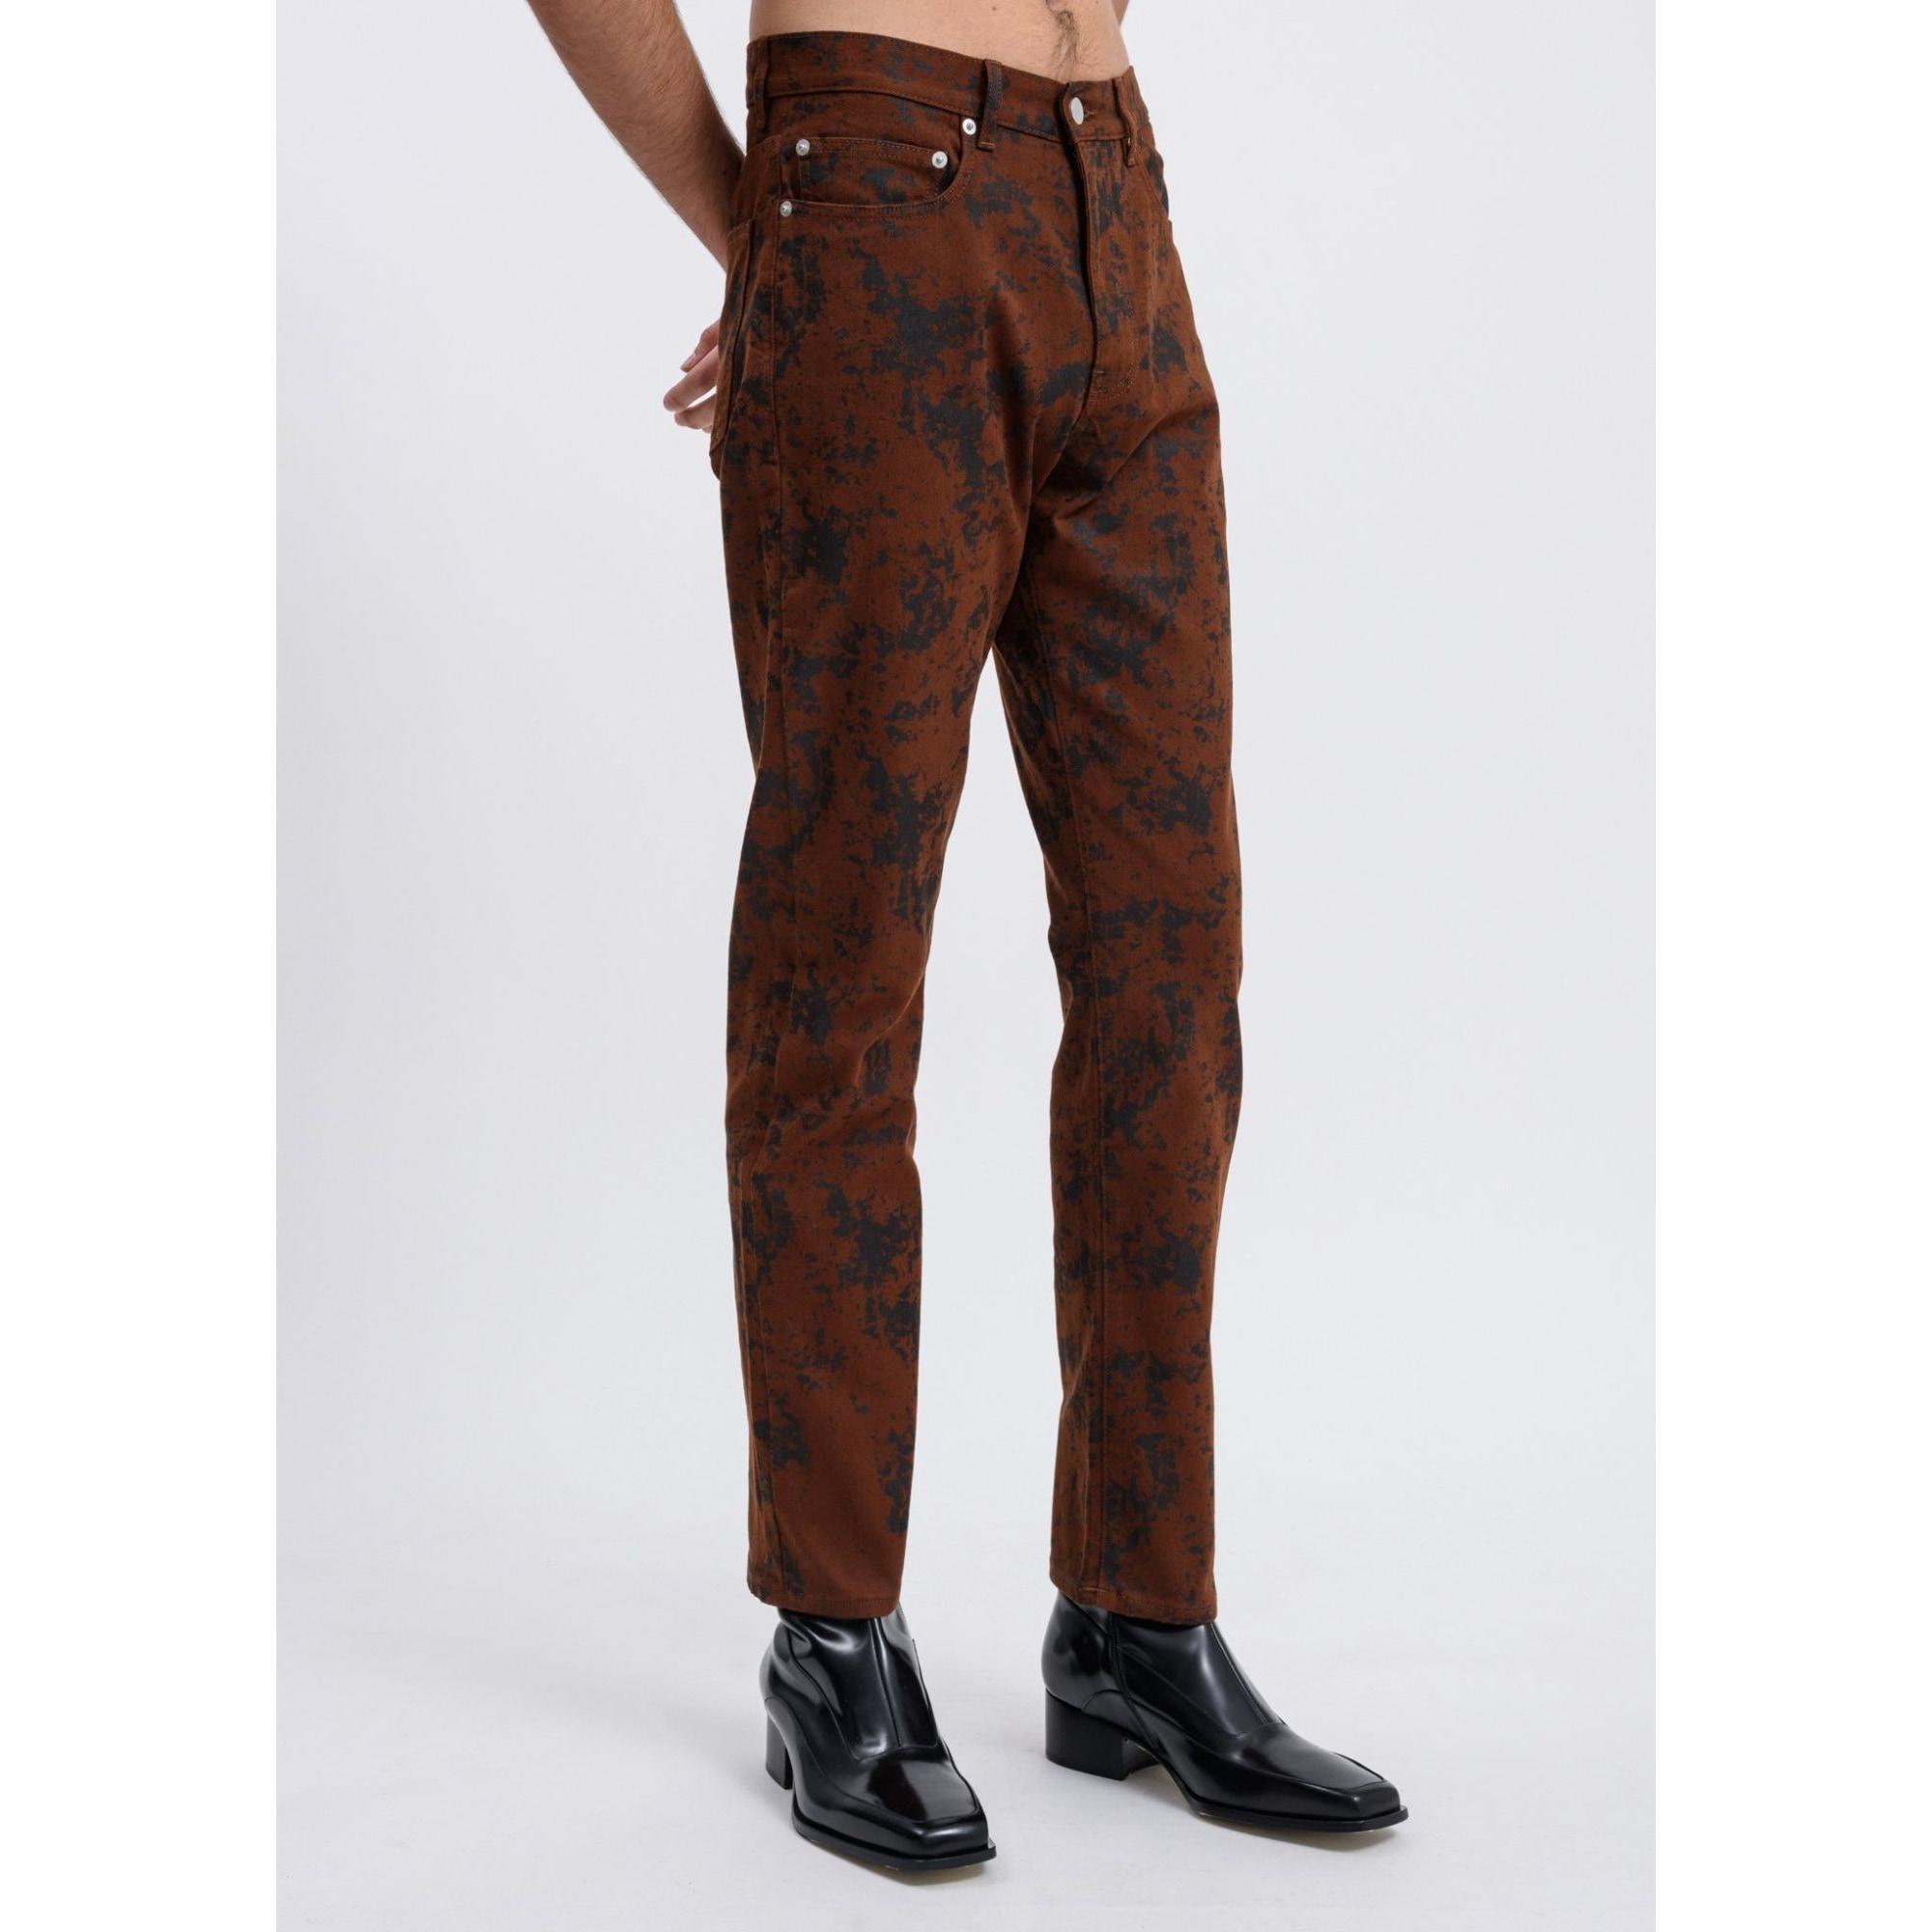 Jeans droit CMMN SWDN Doré, bronze, cuivre